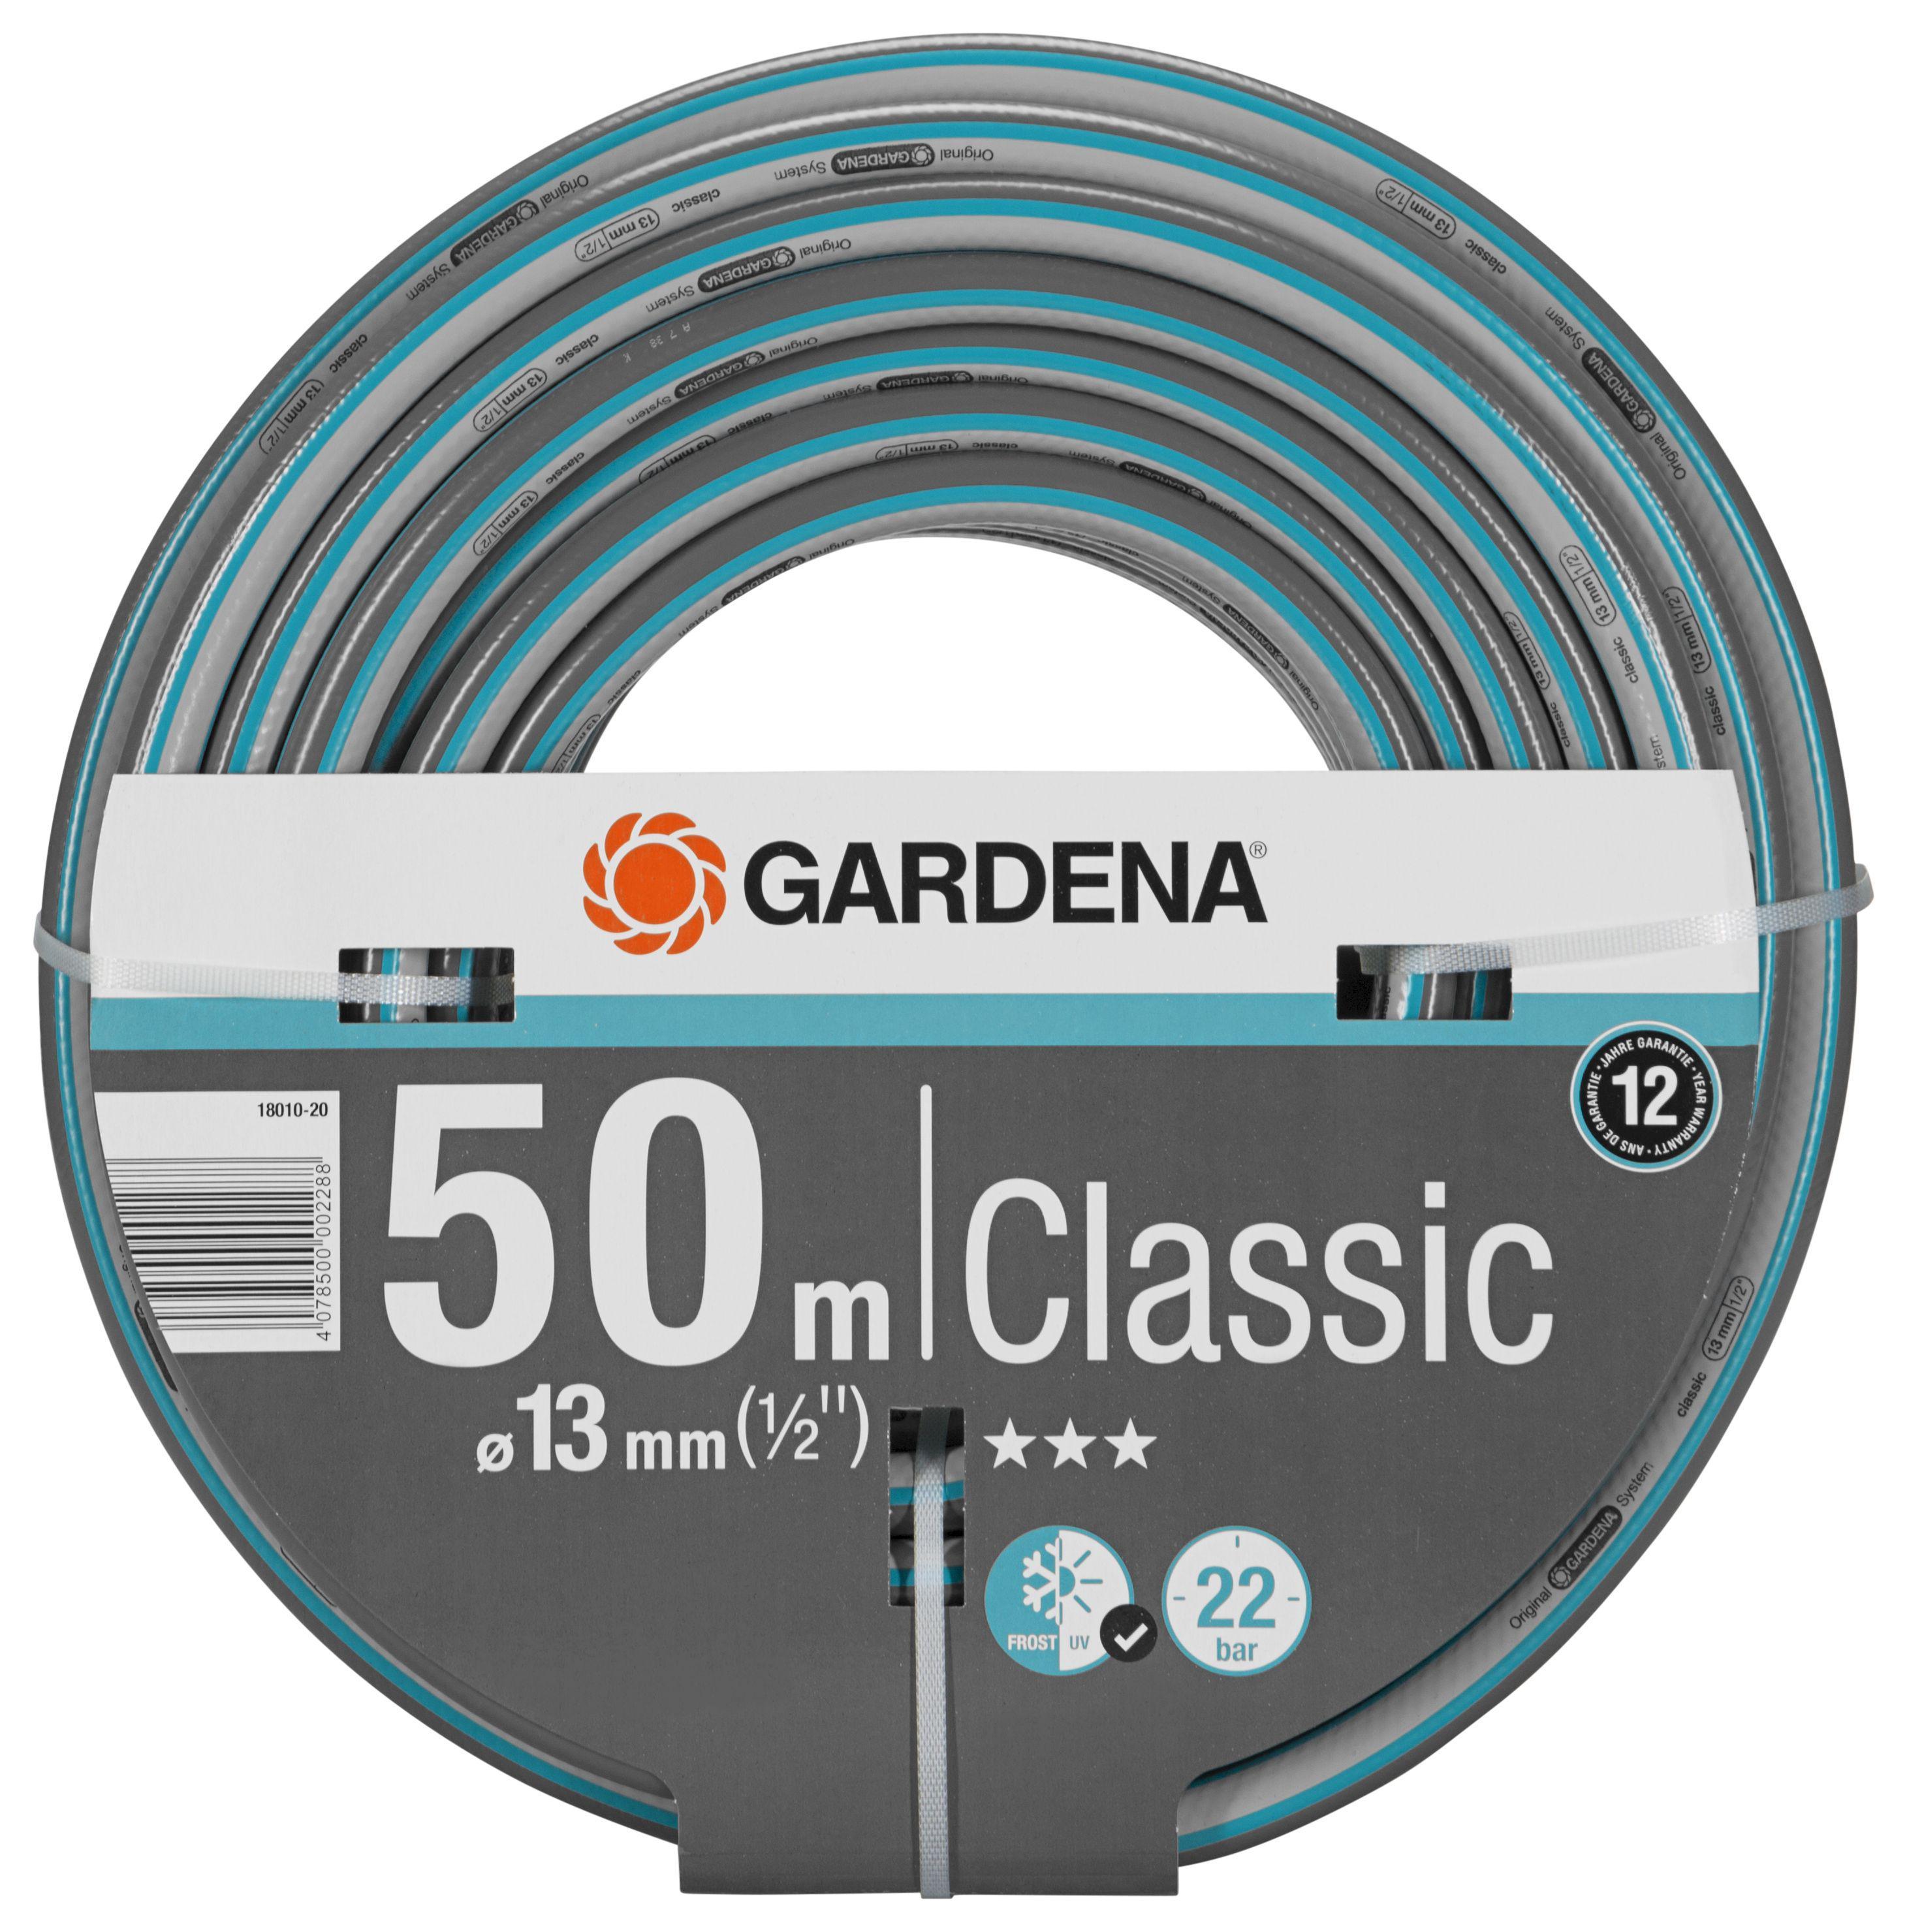 Шланг Gardena Classic 18010 длина 50м диаметр 13мм (1/2'') 22бар (18010-20.000.00) gardena 50 classic со шлангом 20м 1 2 13мм 08013 20 000 00